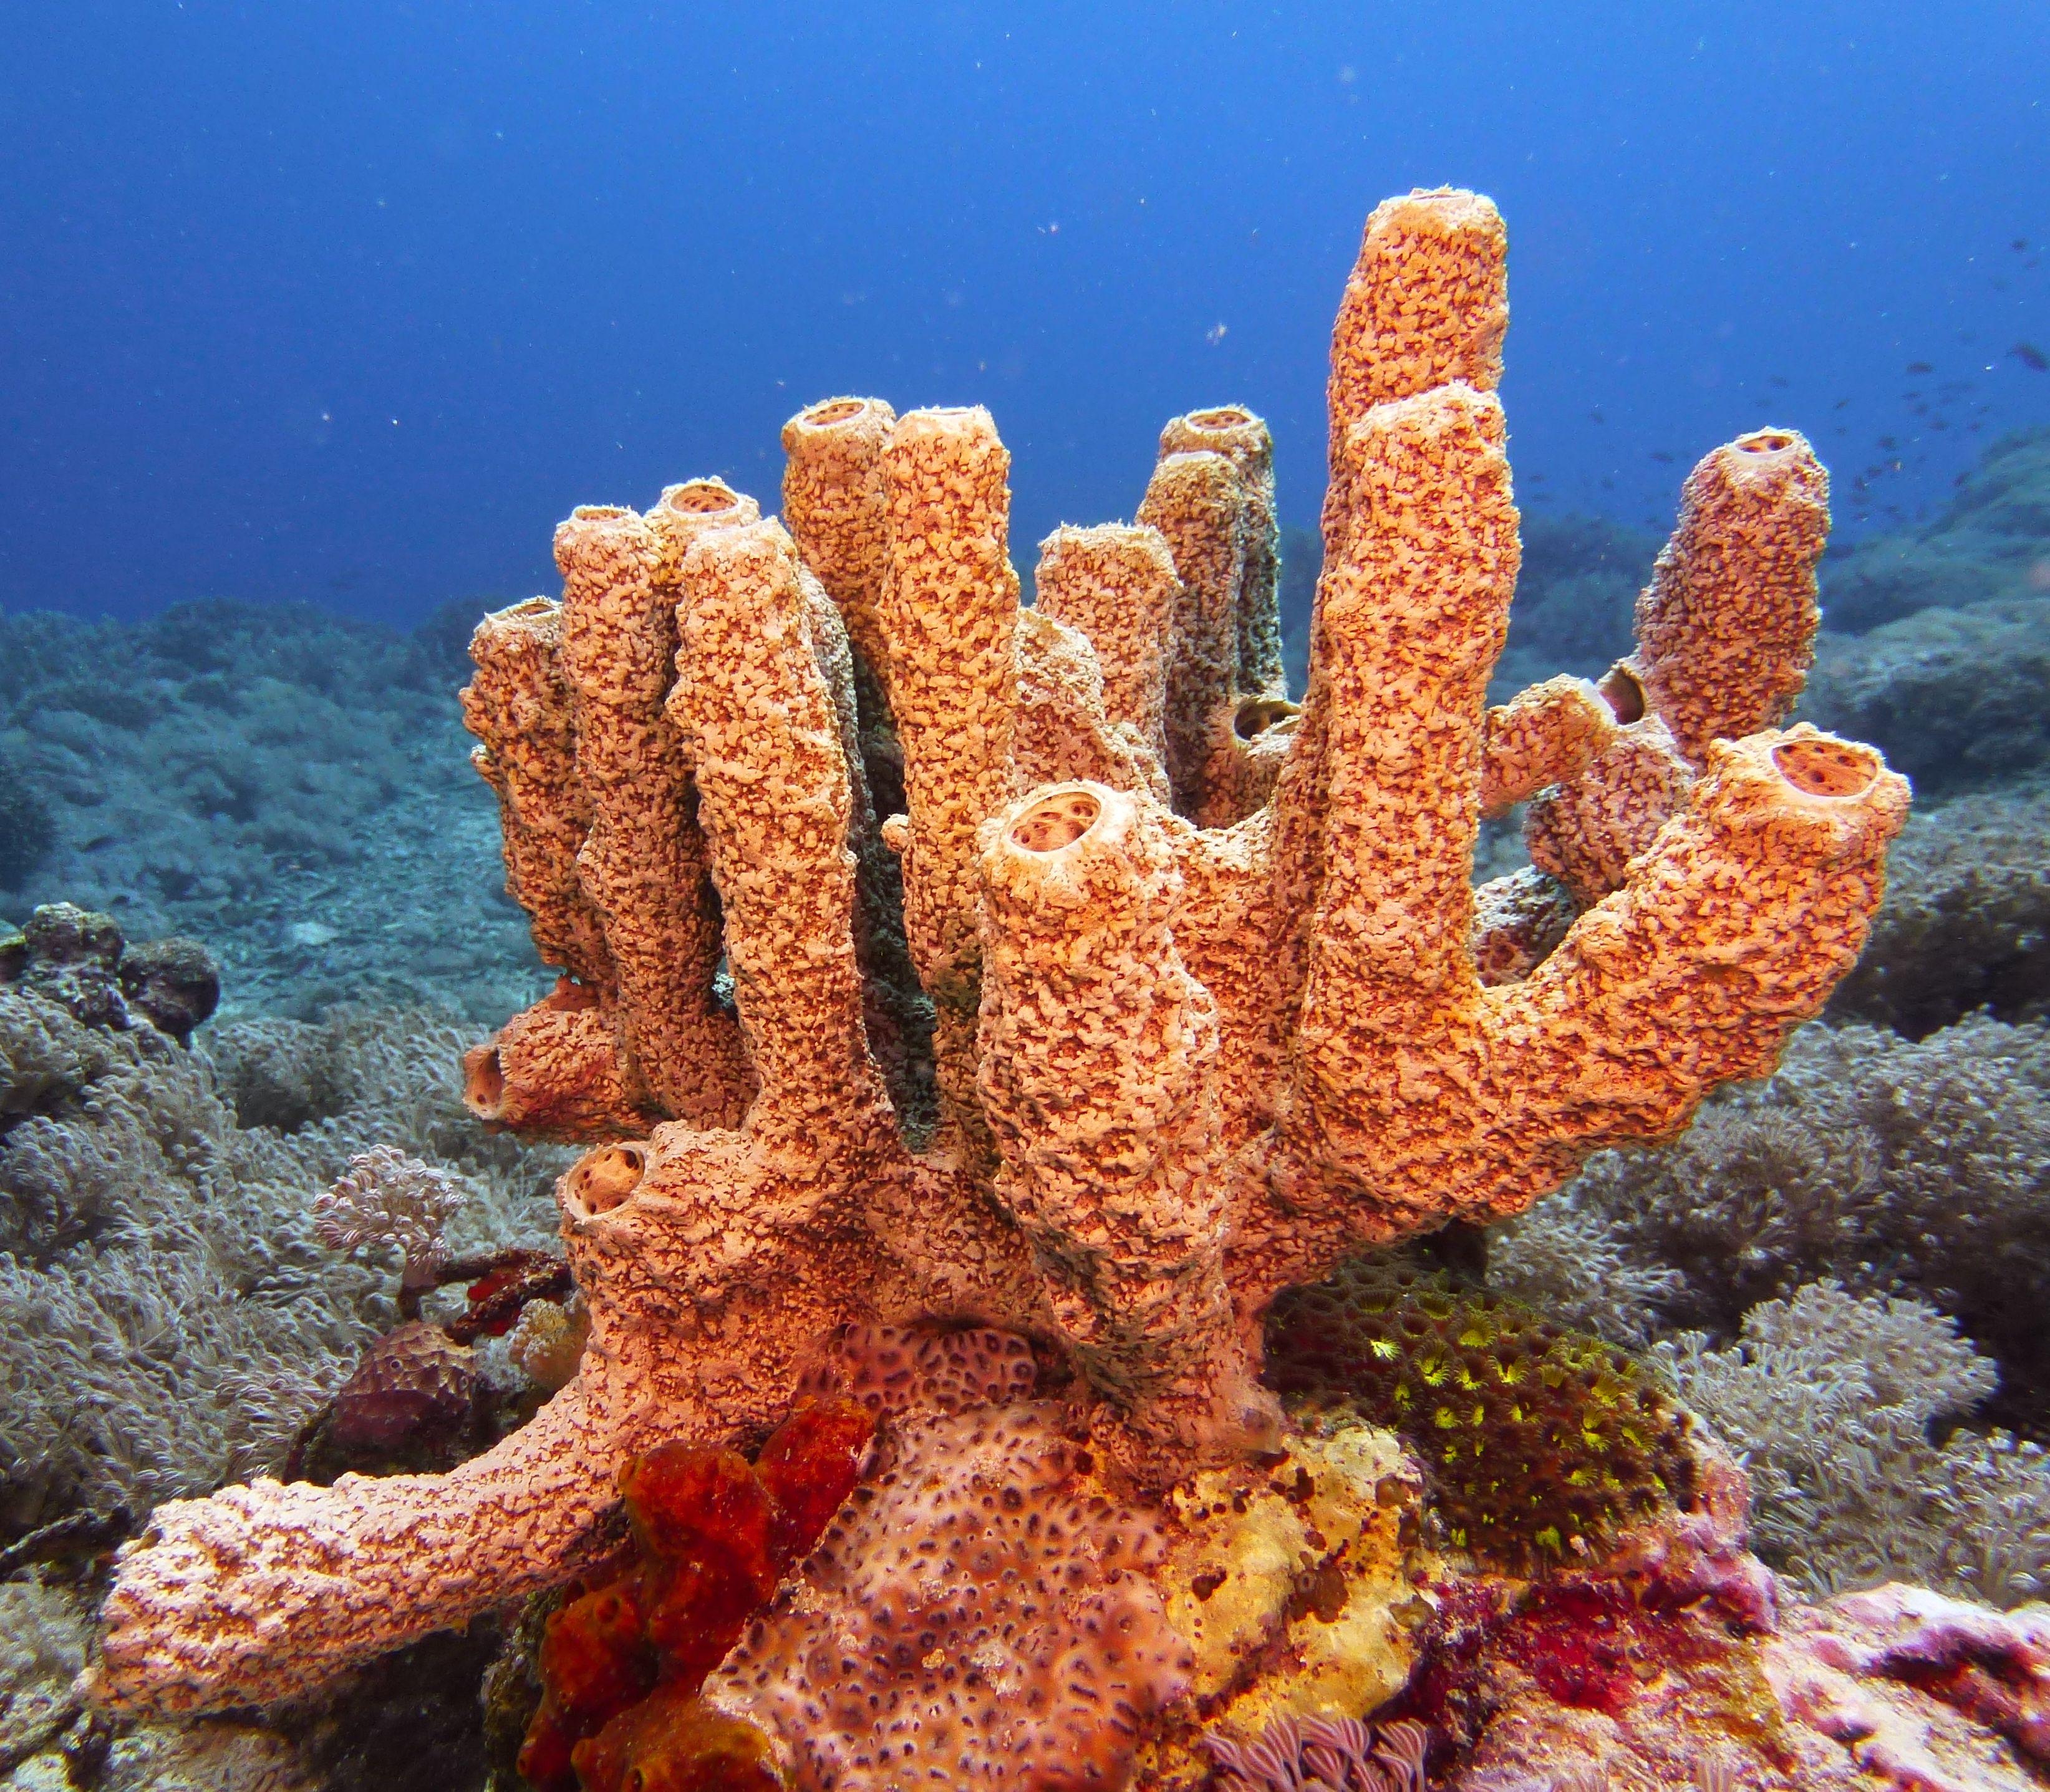 Image result for unusual sponges ocean ocean creatures image result for unusual sponges ocean reviewsmspy